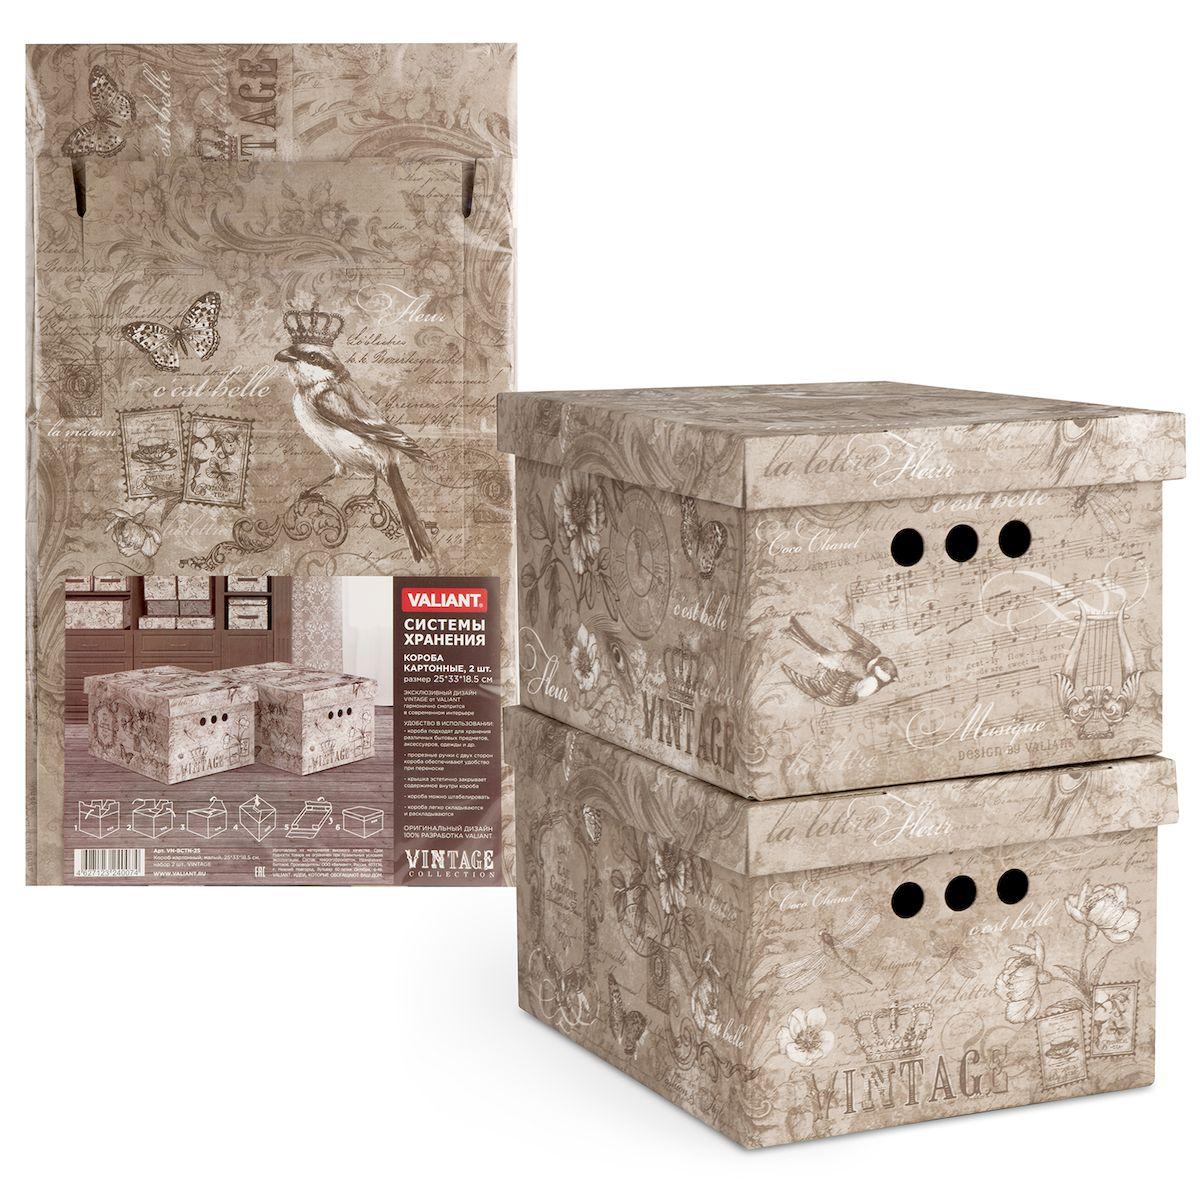 Короб для хранения Valiant Vintage, складной, 25 х 33 х 18,5 см, 2 шт906160_салатовыйКороб для хранения Valiant Vintage изготовлен из картона. Изделие легко и быстро складывается. Оснащен крышкой и тремя отверстиями, которые позволяют удобно его выдвигать. Такой короб прекрасно подойдет для хранения бытовых мелочей, аксессуаров для рукоделия и других мелких предметов. С ним все мелкие вещи будут храниться аккуратно и не потеряются. Размер изделия (в собранном виде): 25 х 33 х 18,5 см.